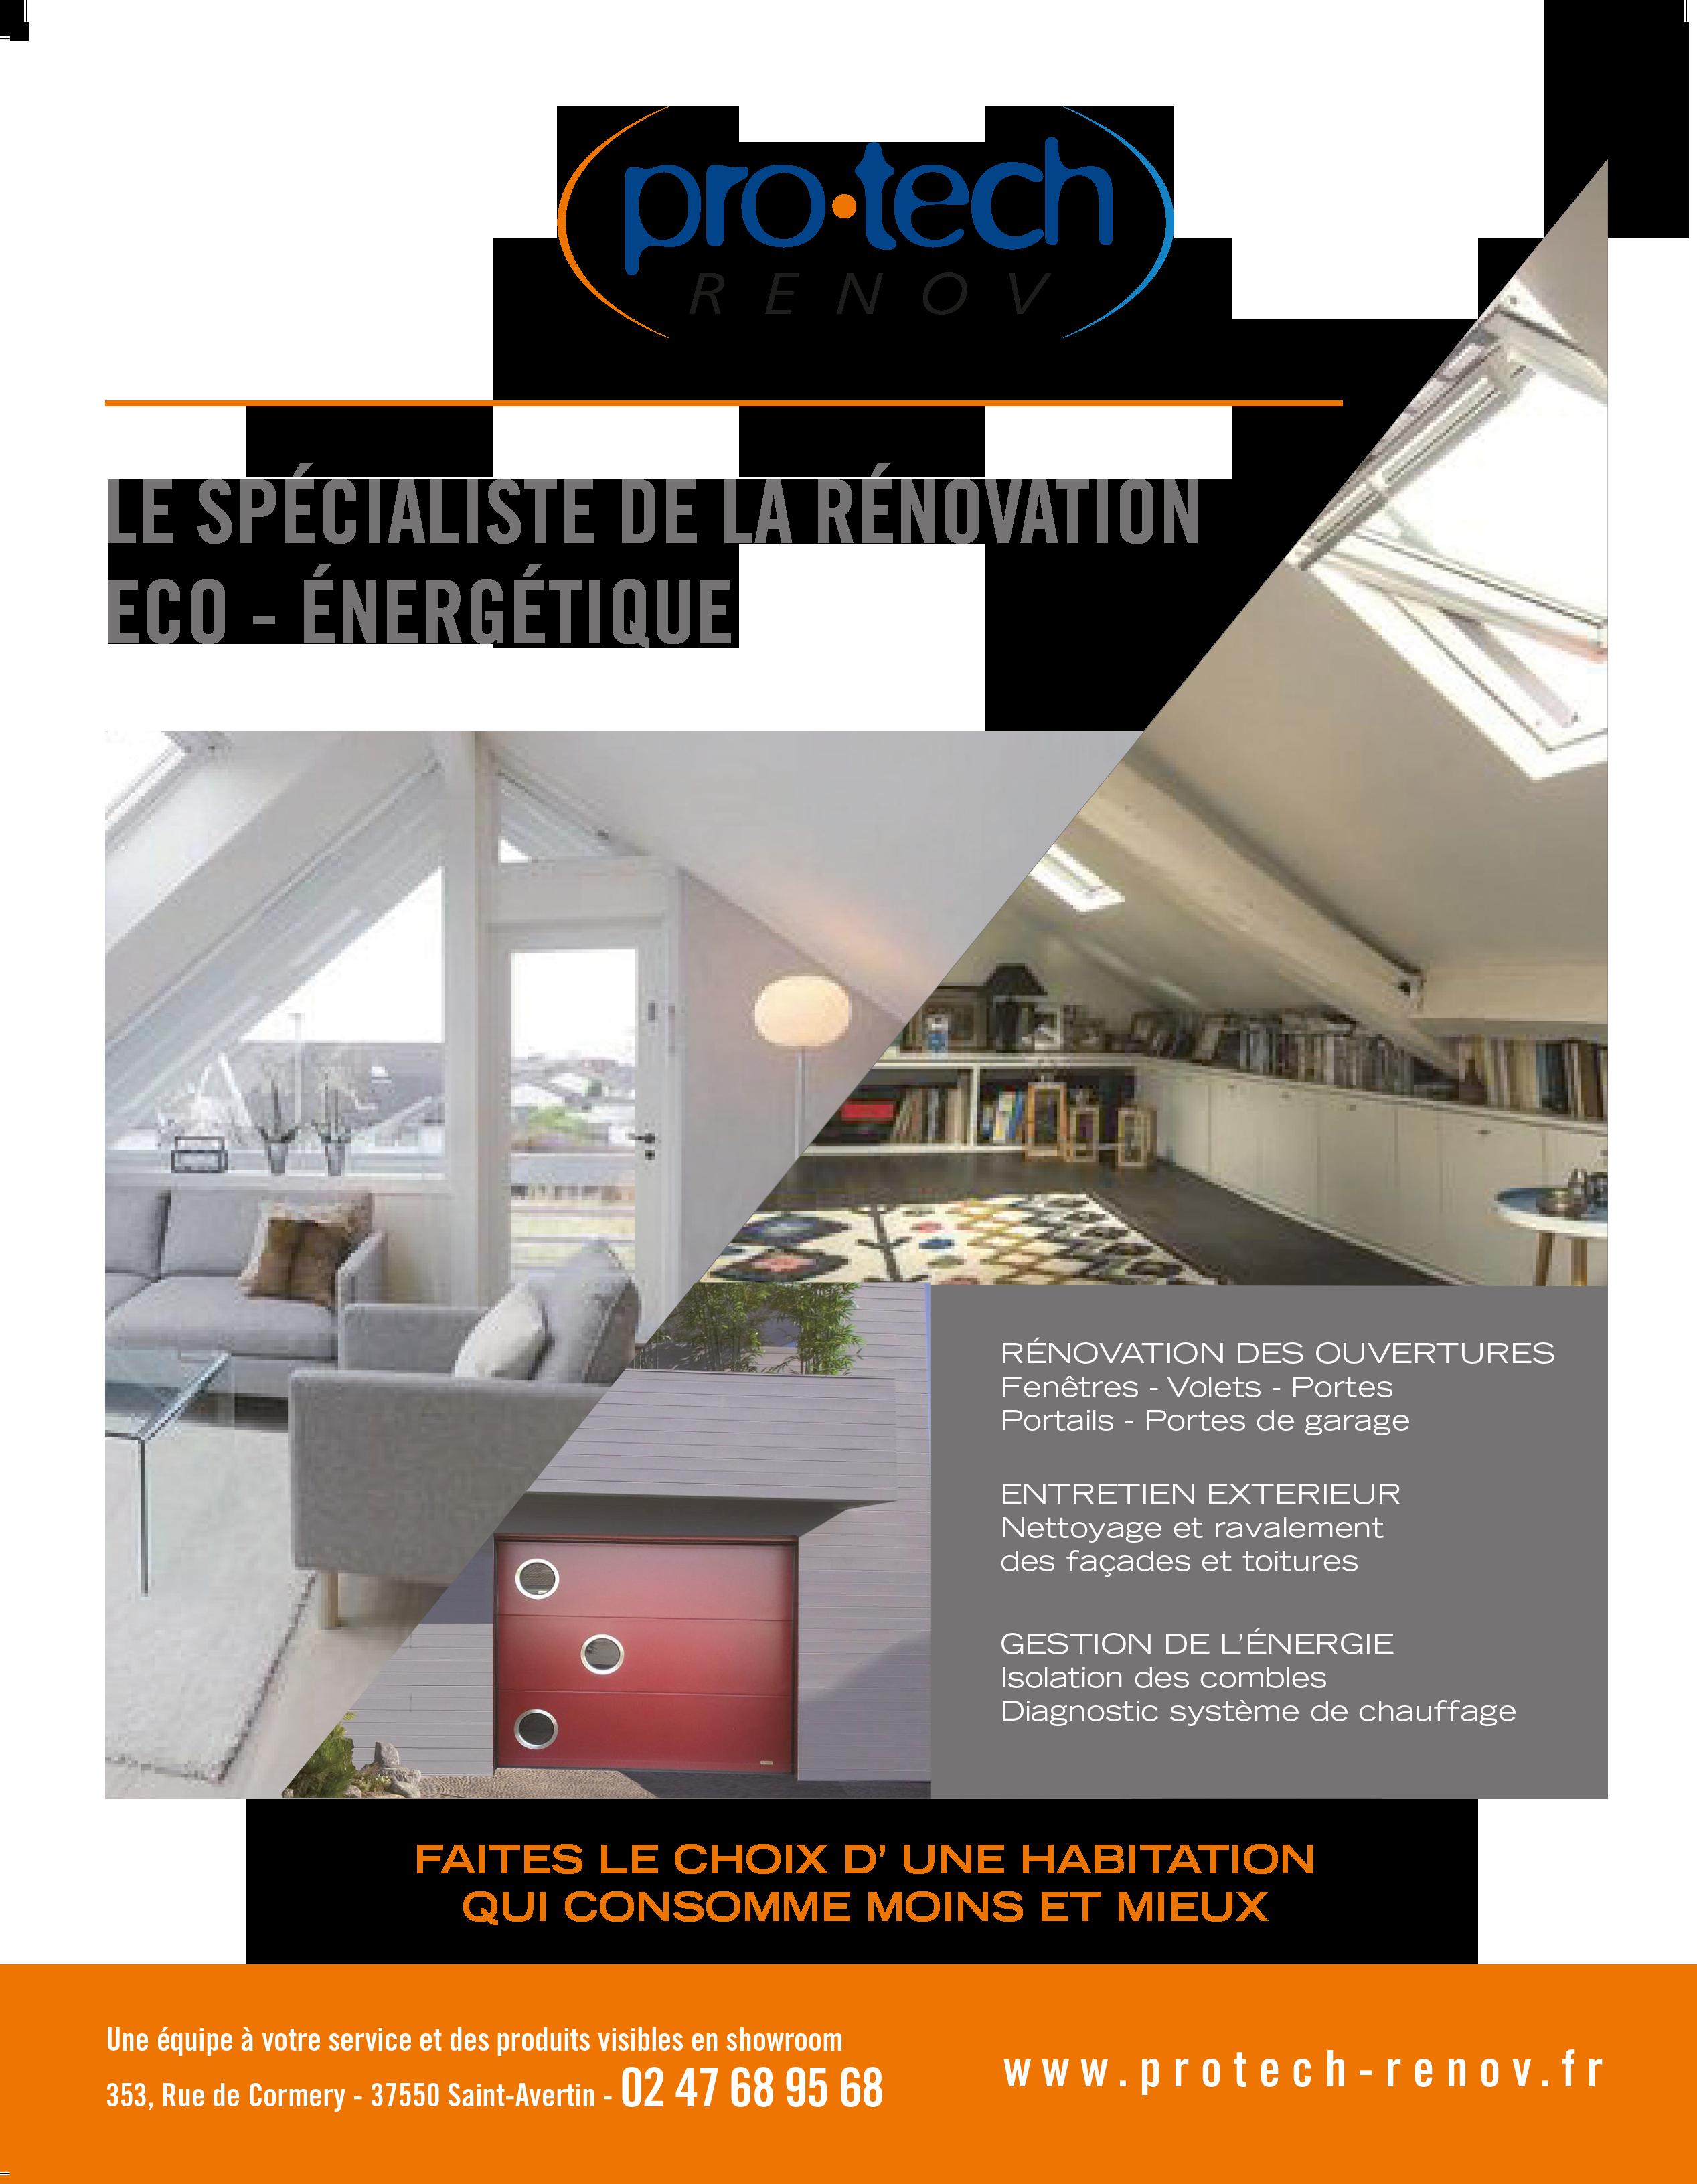 Pro Tech Renov : Rénovez votre maison pour faire des économies d'énergie